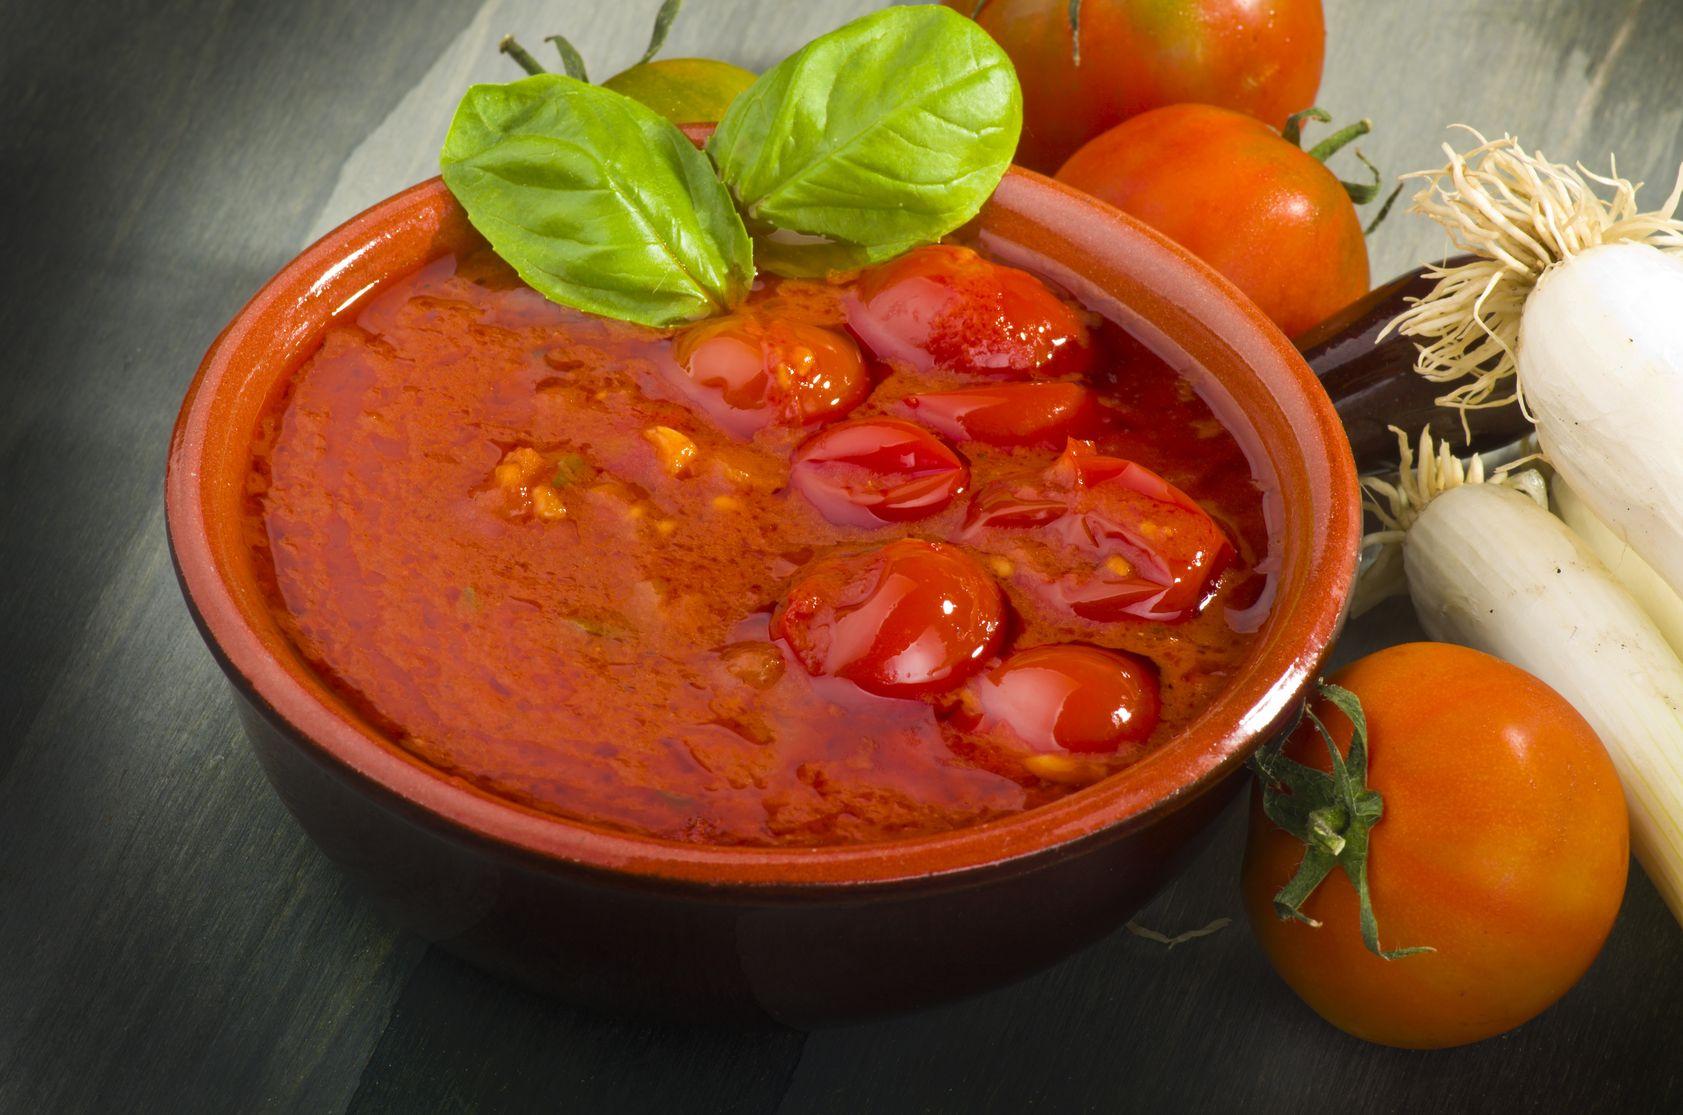 tegame con salsa.jpg